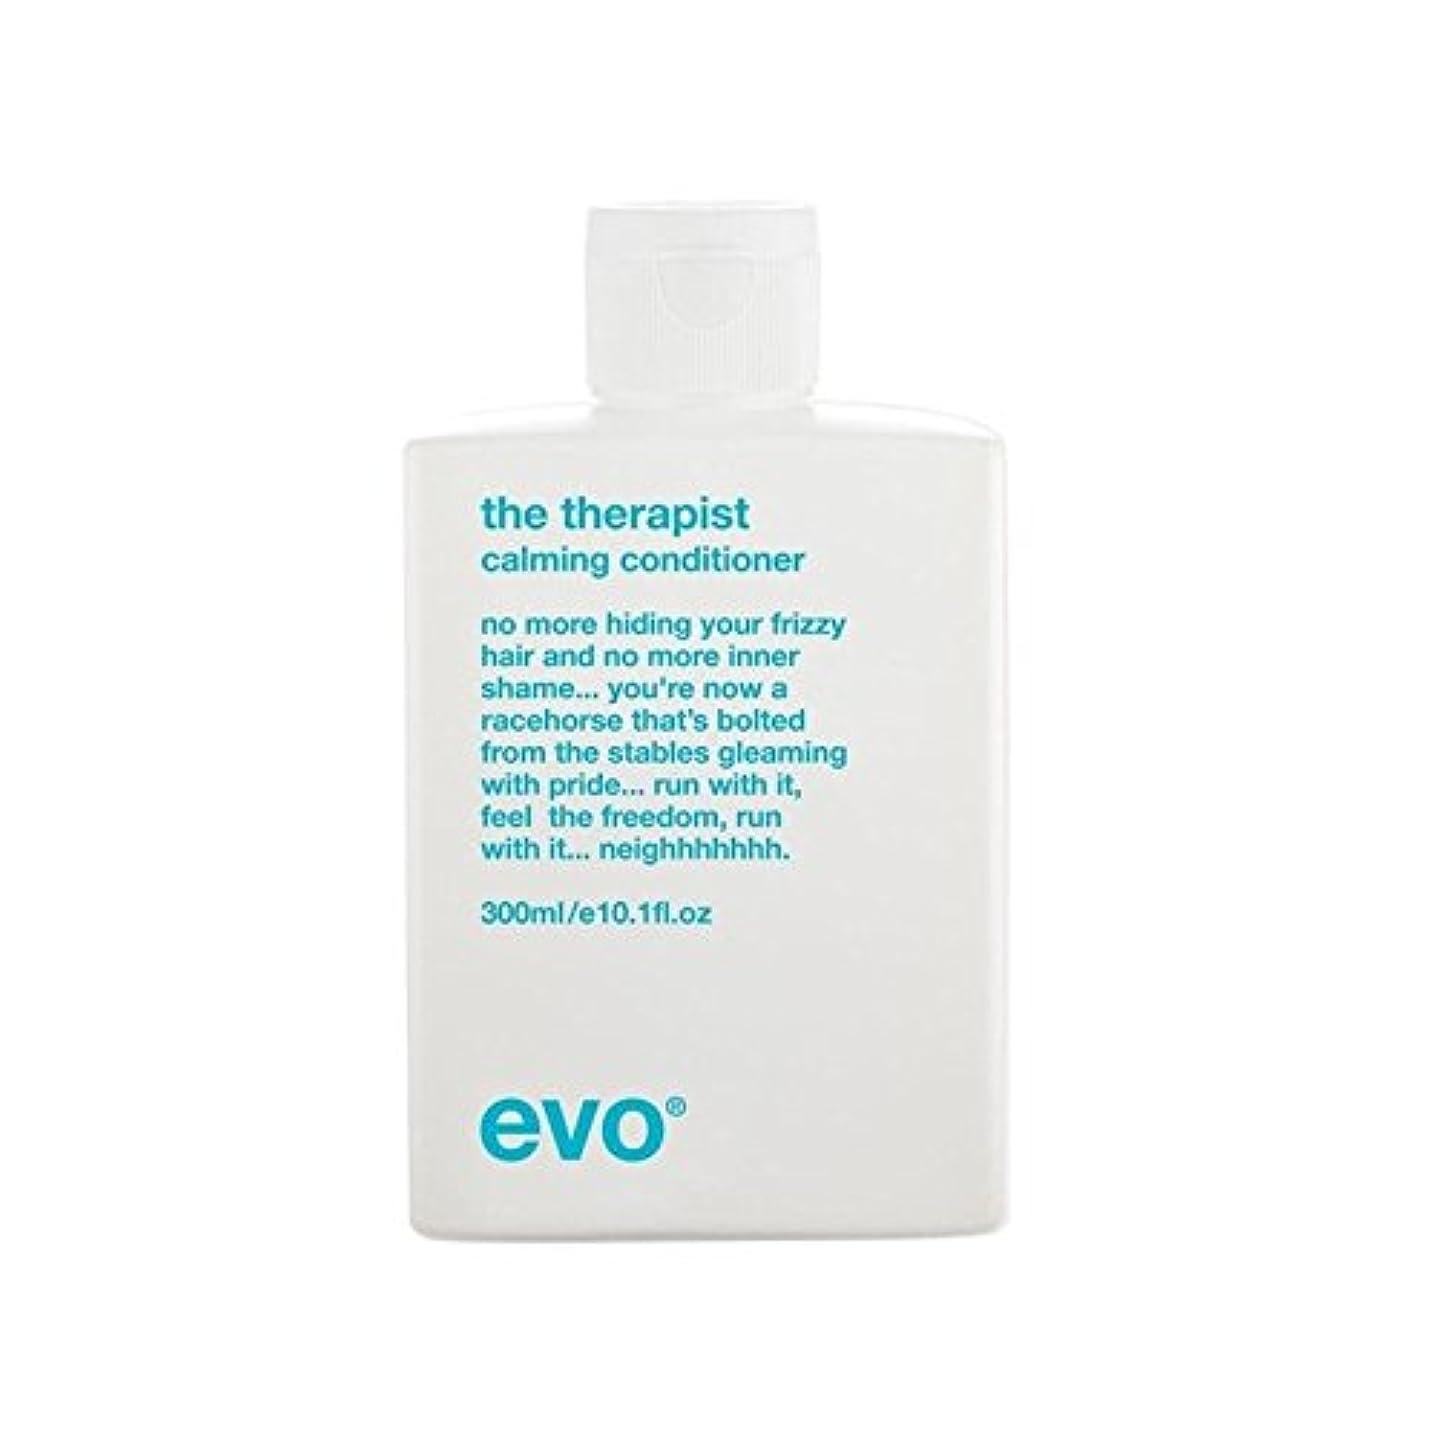 損なう古風な巻き戻すセラピスト沈静コンディショナー(300ミリリットル) x4 - Evo The Therapist Calming Conditioner (300ml) (Pack of 4) [並行輸入品]